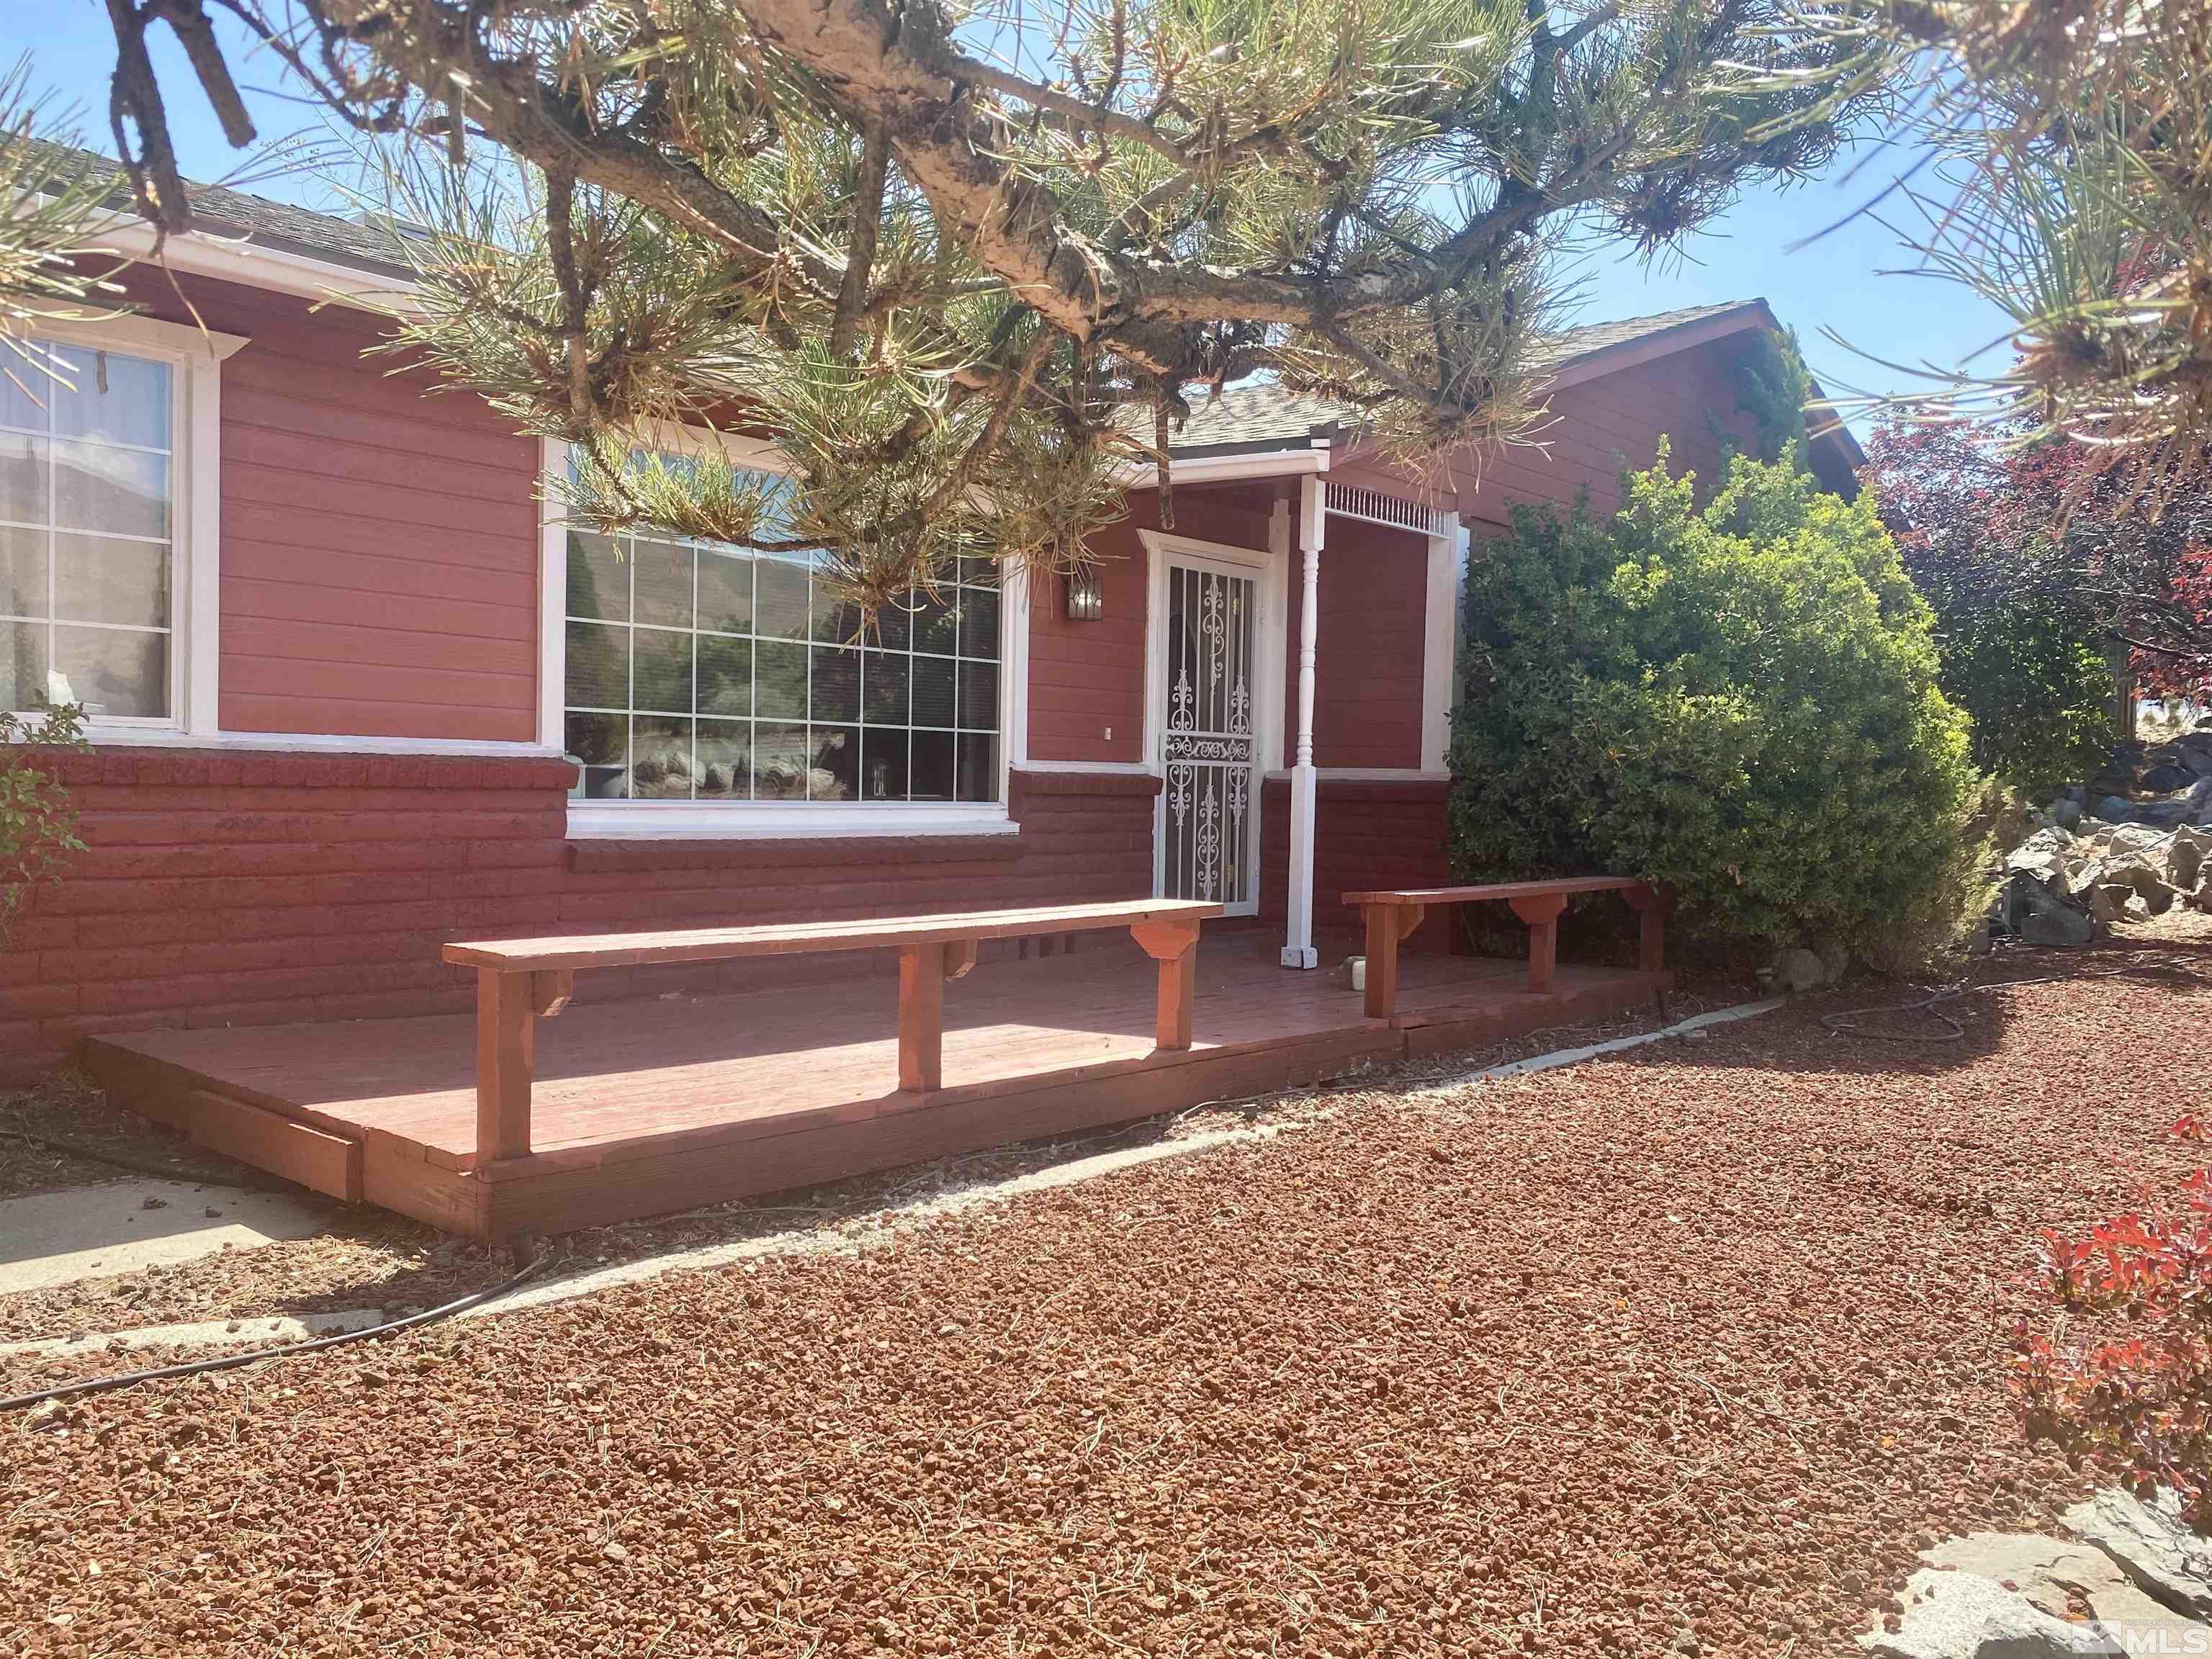 Image for 2420 Kiowa, Reno, NV 89506-9104